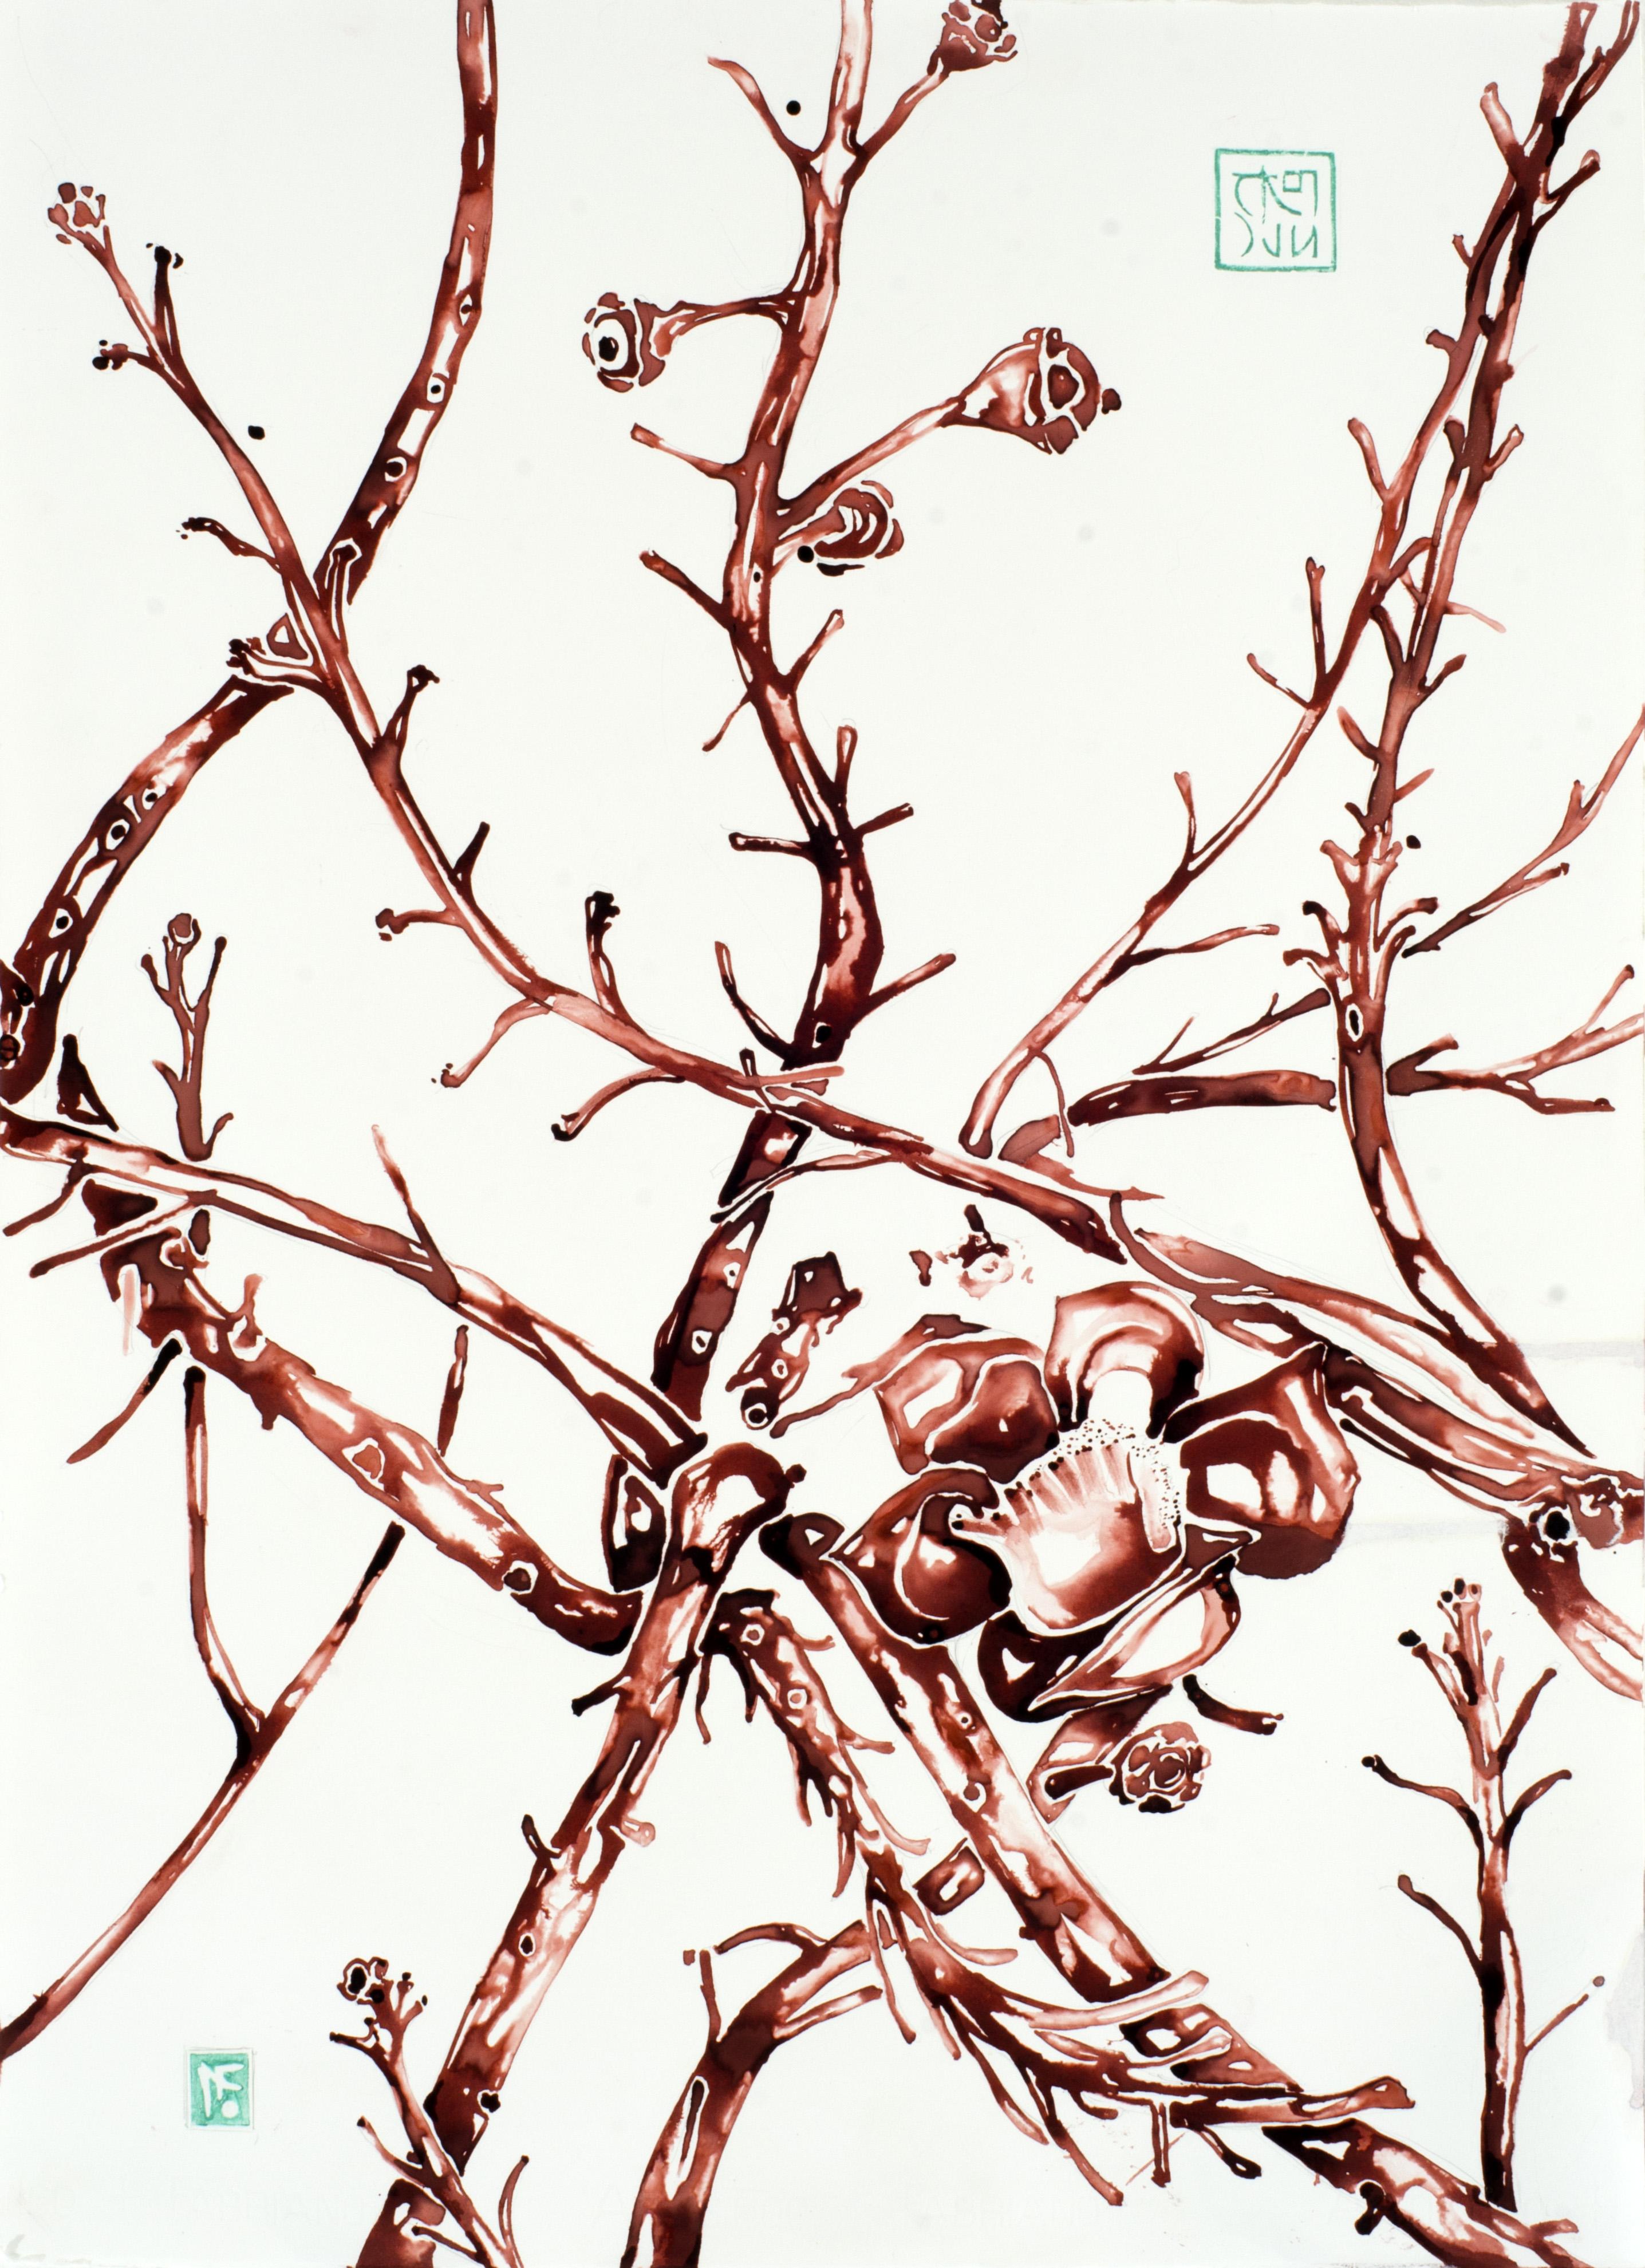 botanica.II_56x76cm_aquarela e ecoline sobre papel